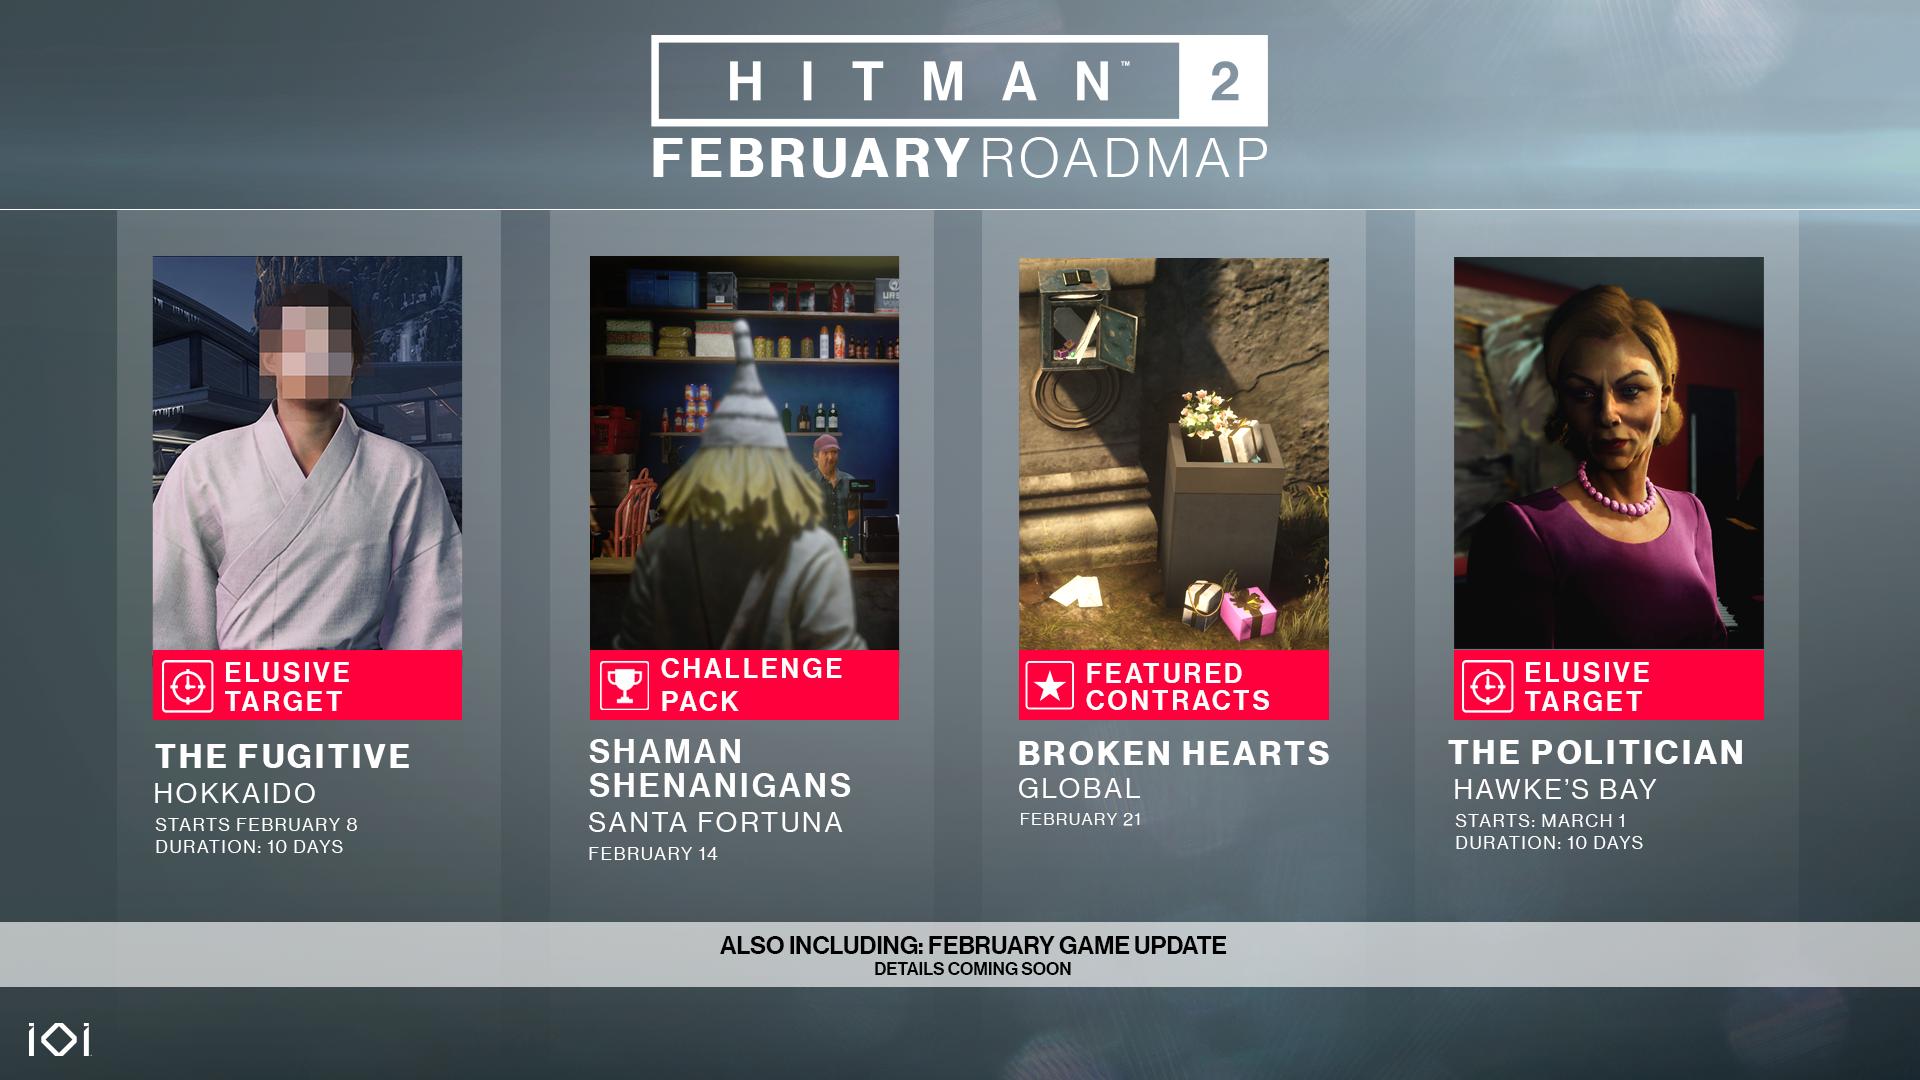 February Roadmap